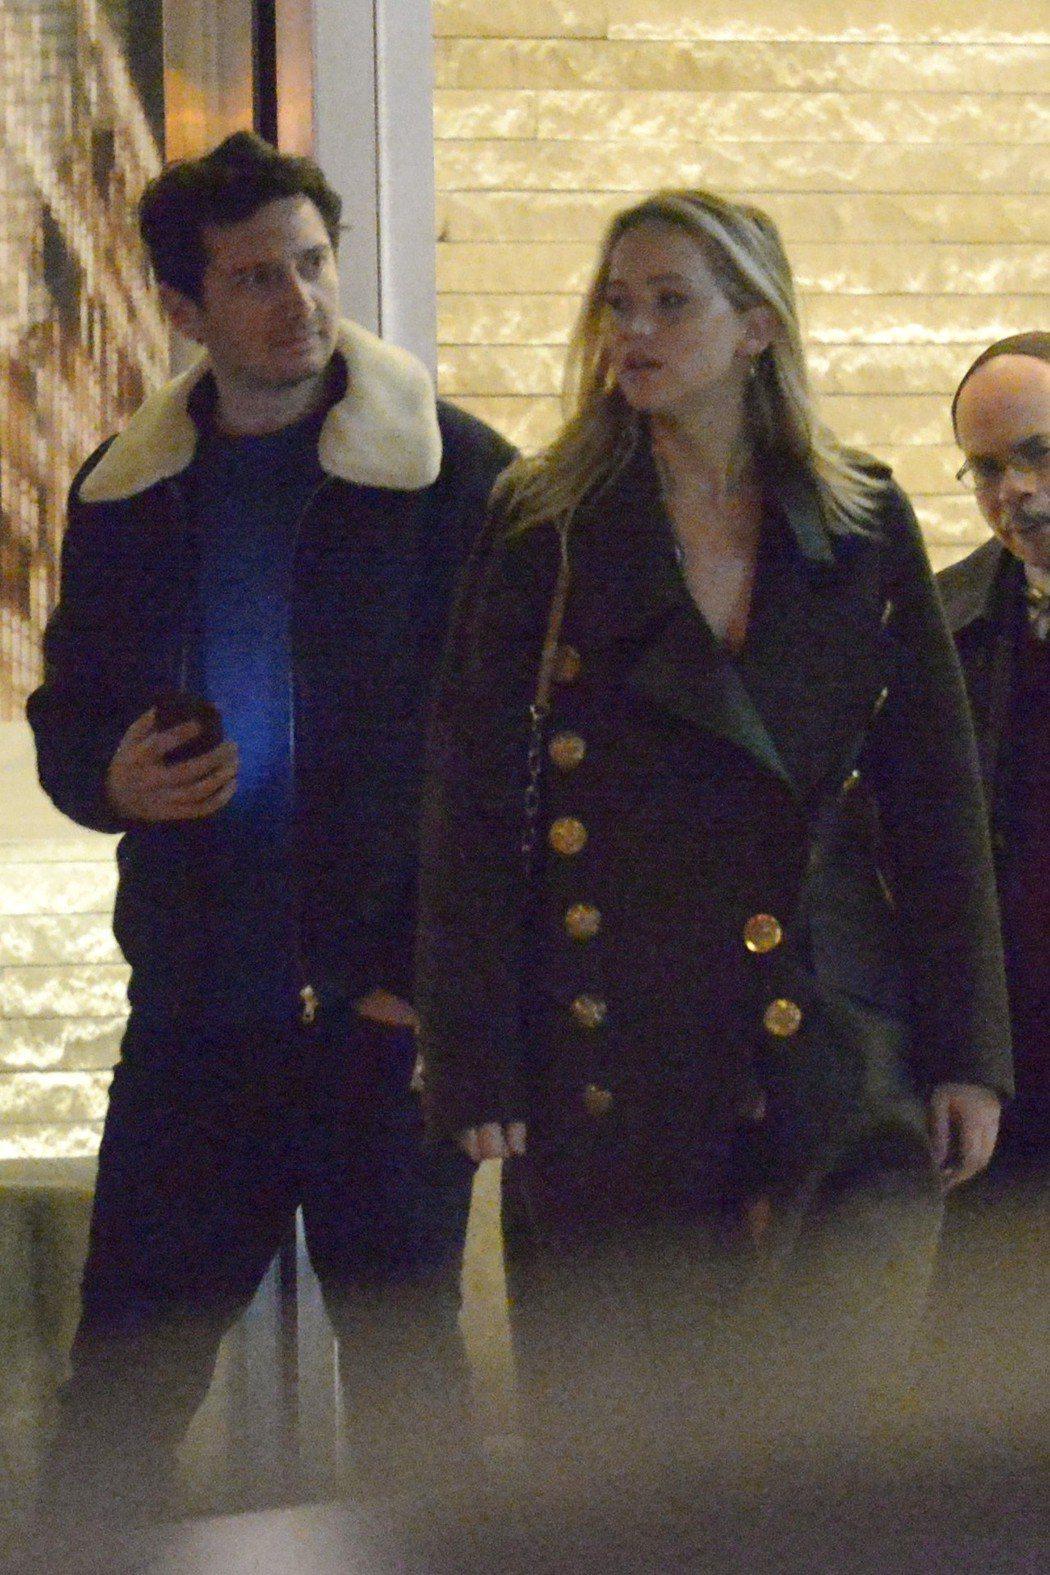 珍妮佛勞倫斯和金史塔普尼斯基被拍到約會。圖/達志影像